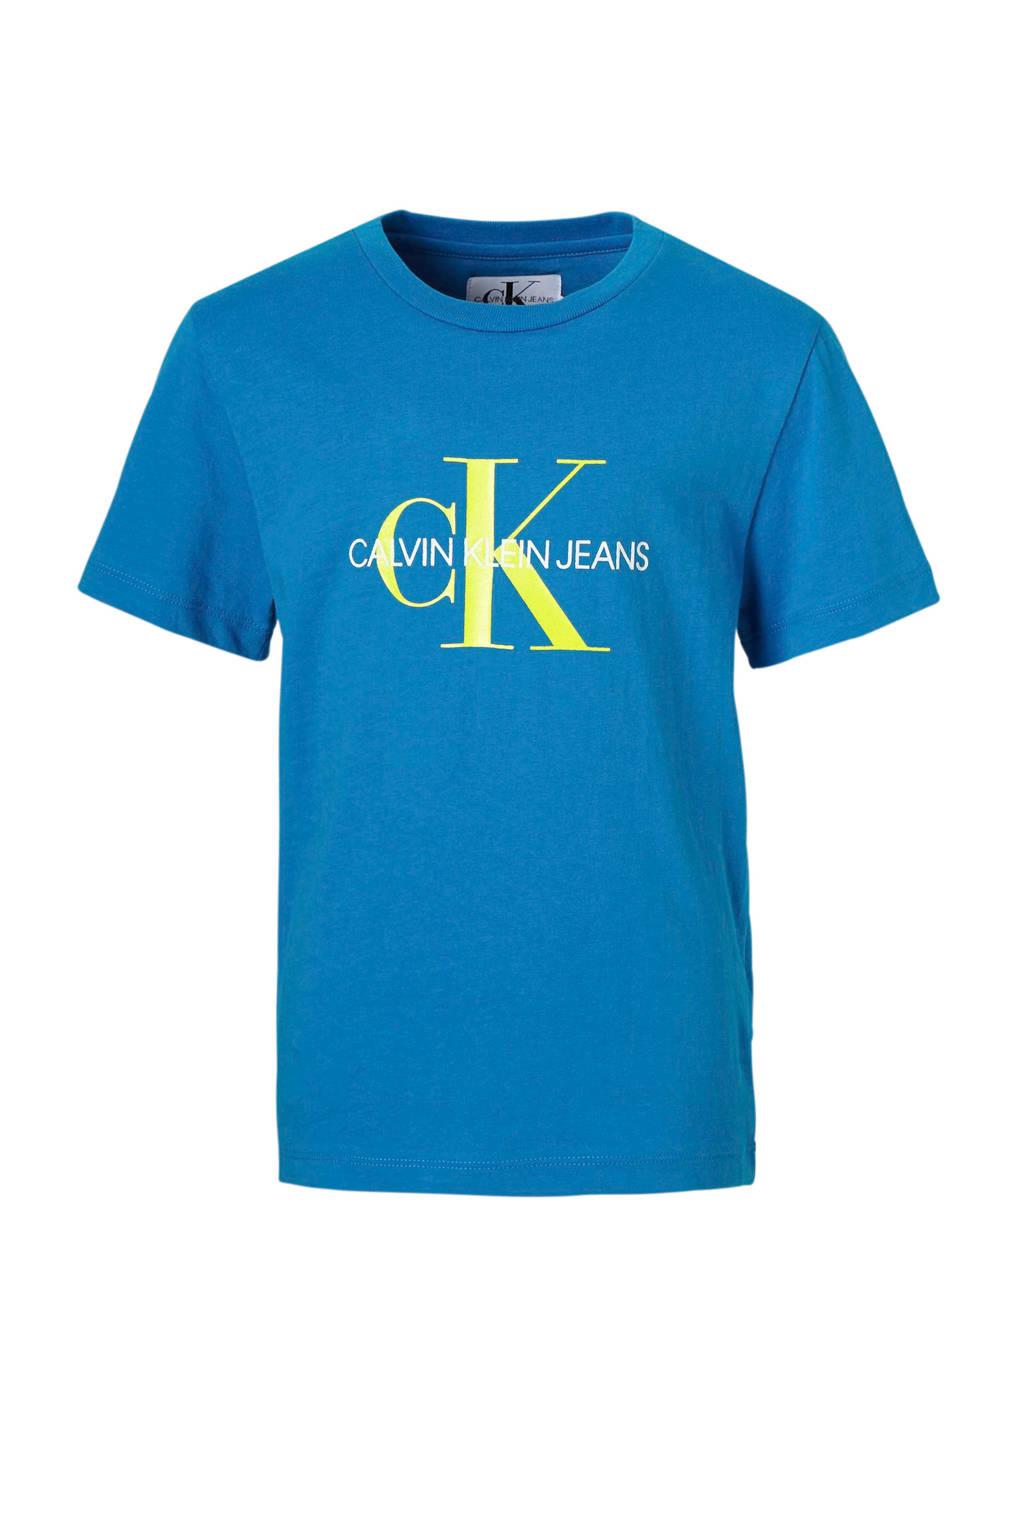 Calvin Klein Jeans T-shirt met logo blauw, Blauw